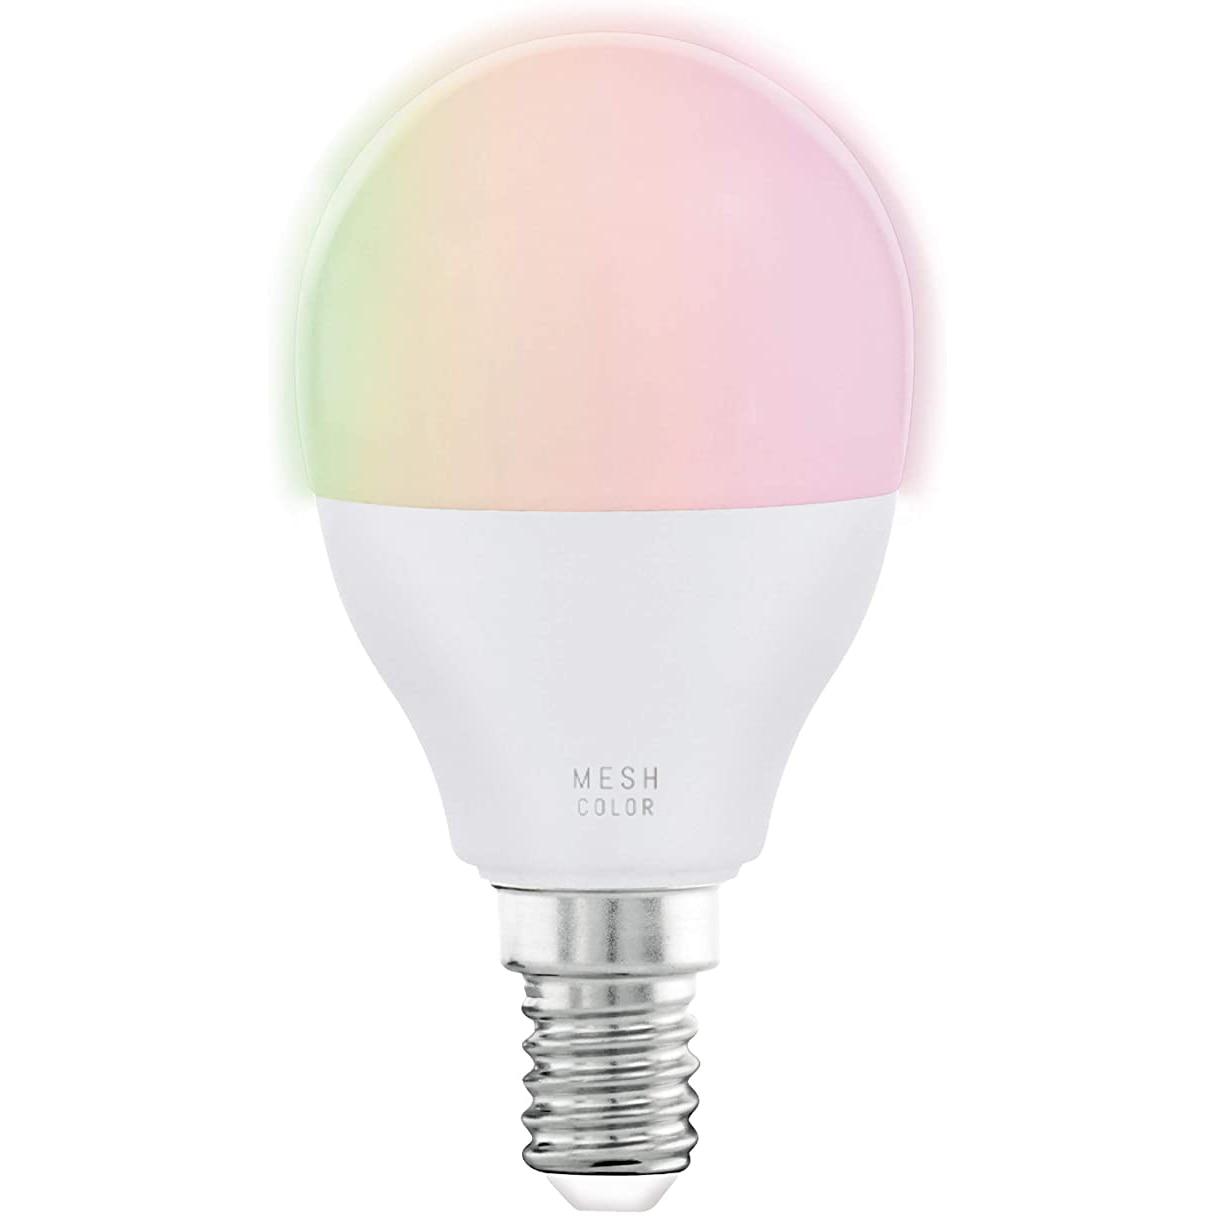 Fotografie Bec LED RGBW inteligent Eglo Connect 11857, Wi-Fi, P45, E14, 5W, 470 lm, A+, lumina alba si colorata, compatibil Amazon Echo si Google Home